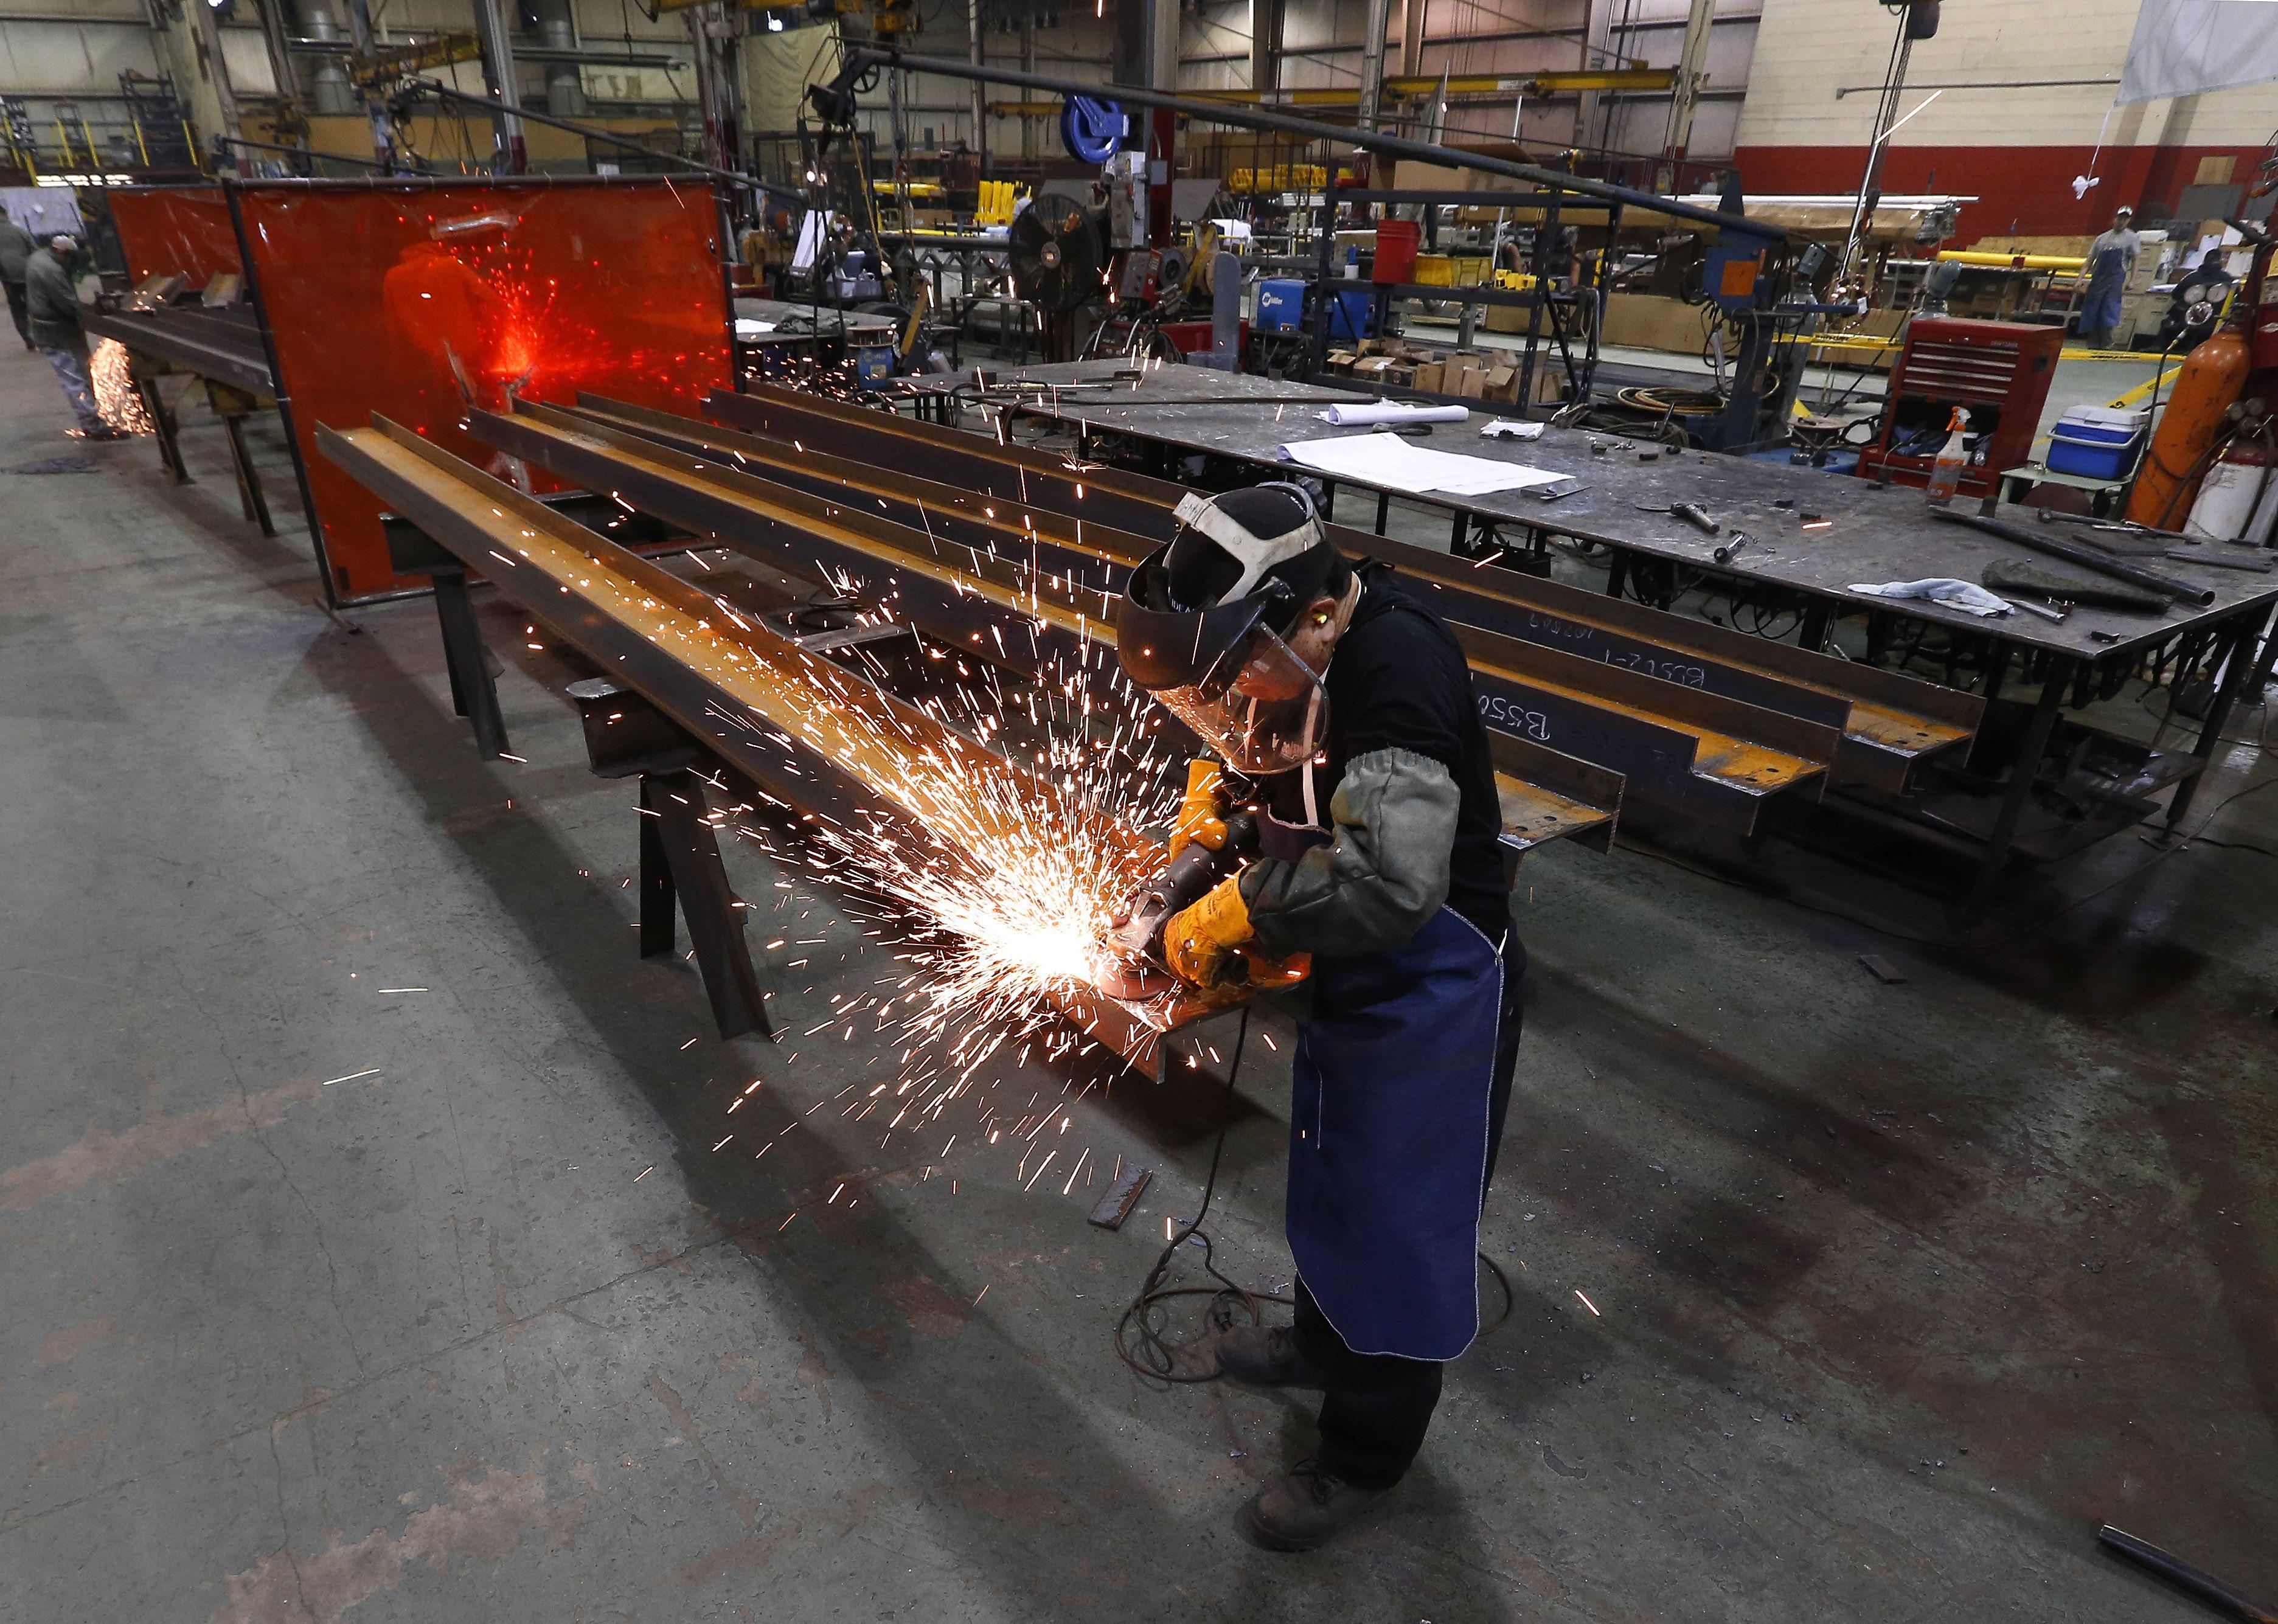 Незапосленост у Русији пала на 4,9%  Москва — Незапосленост у Русији у мају ове године пала је историјски минимум од 4,9 одсто, са 5,3 у априлу, објавила је руска агенција за статистику Рос стат. Претходни рекорд постављен је у августу 2012. године када је незапослено